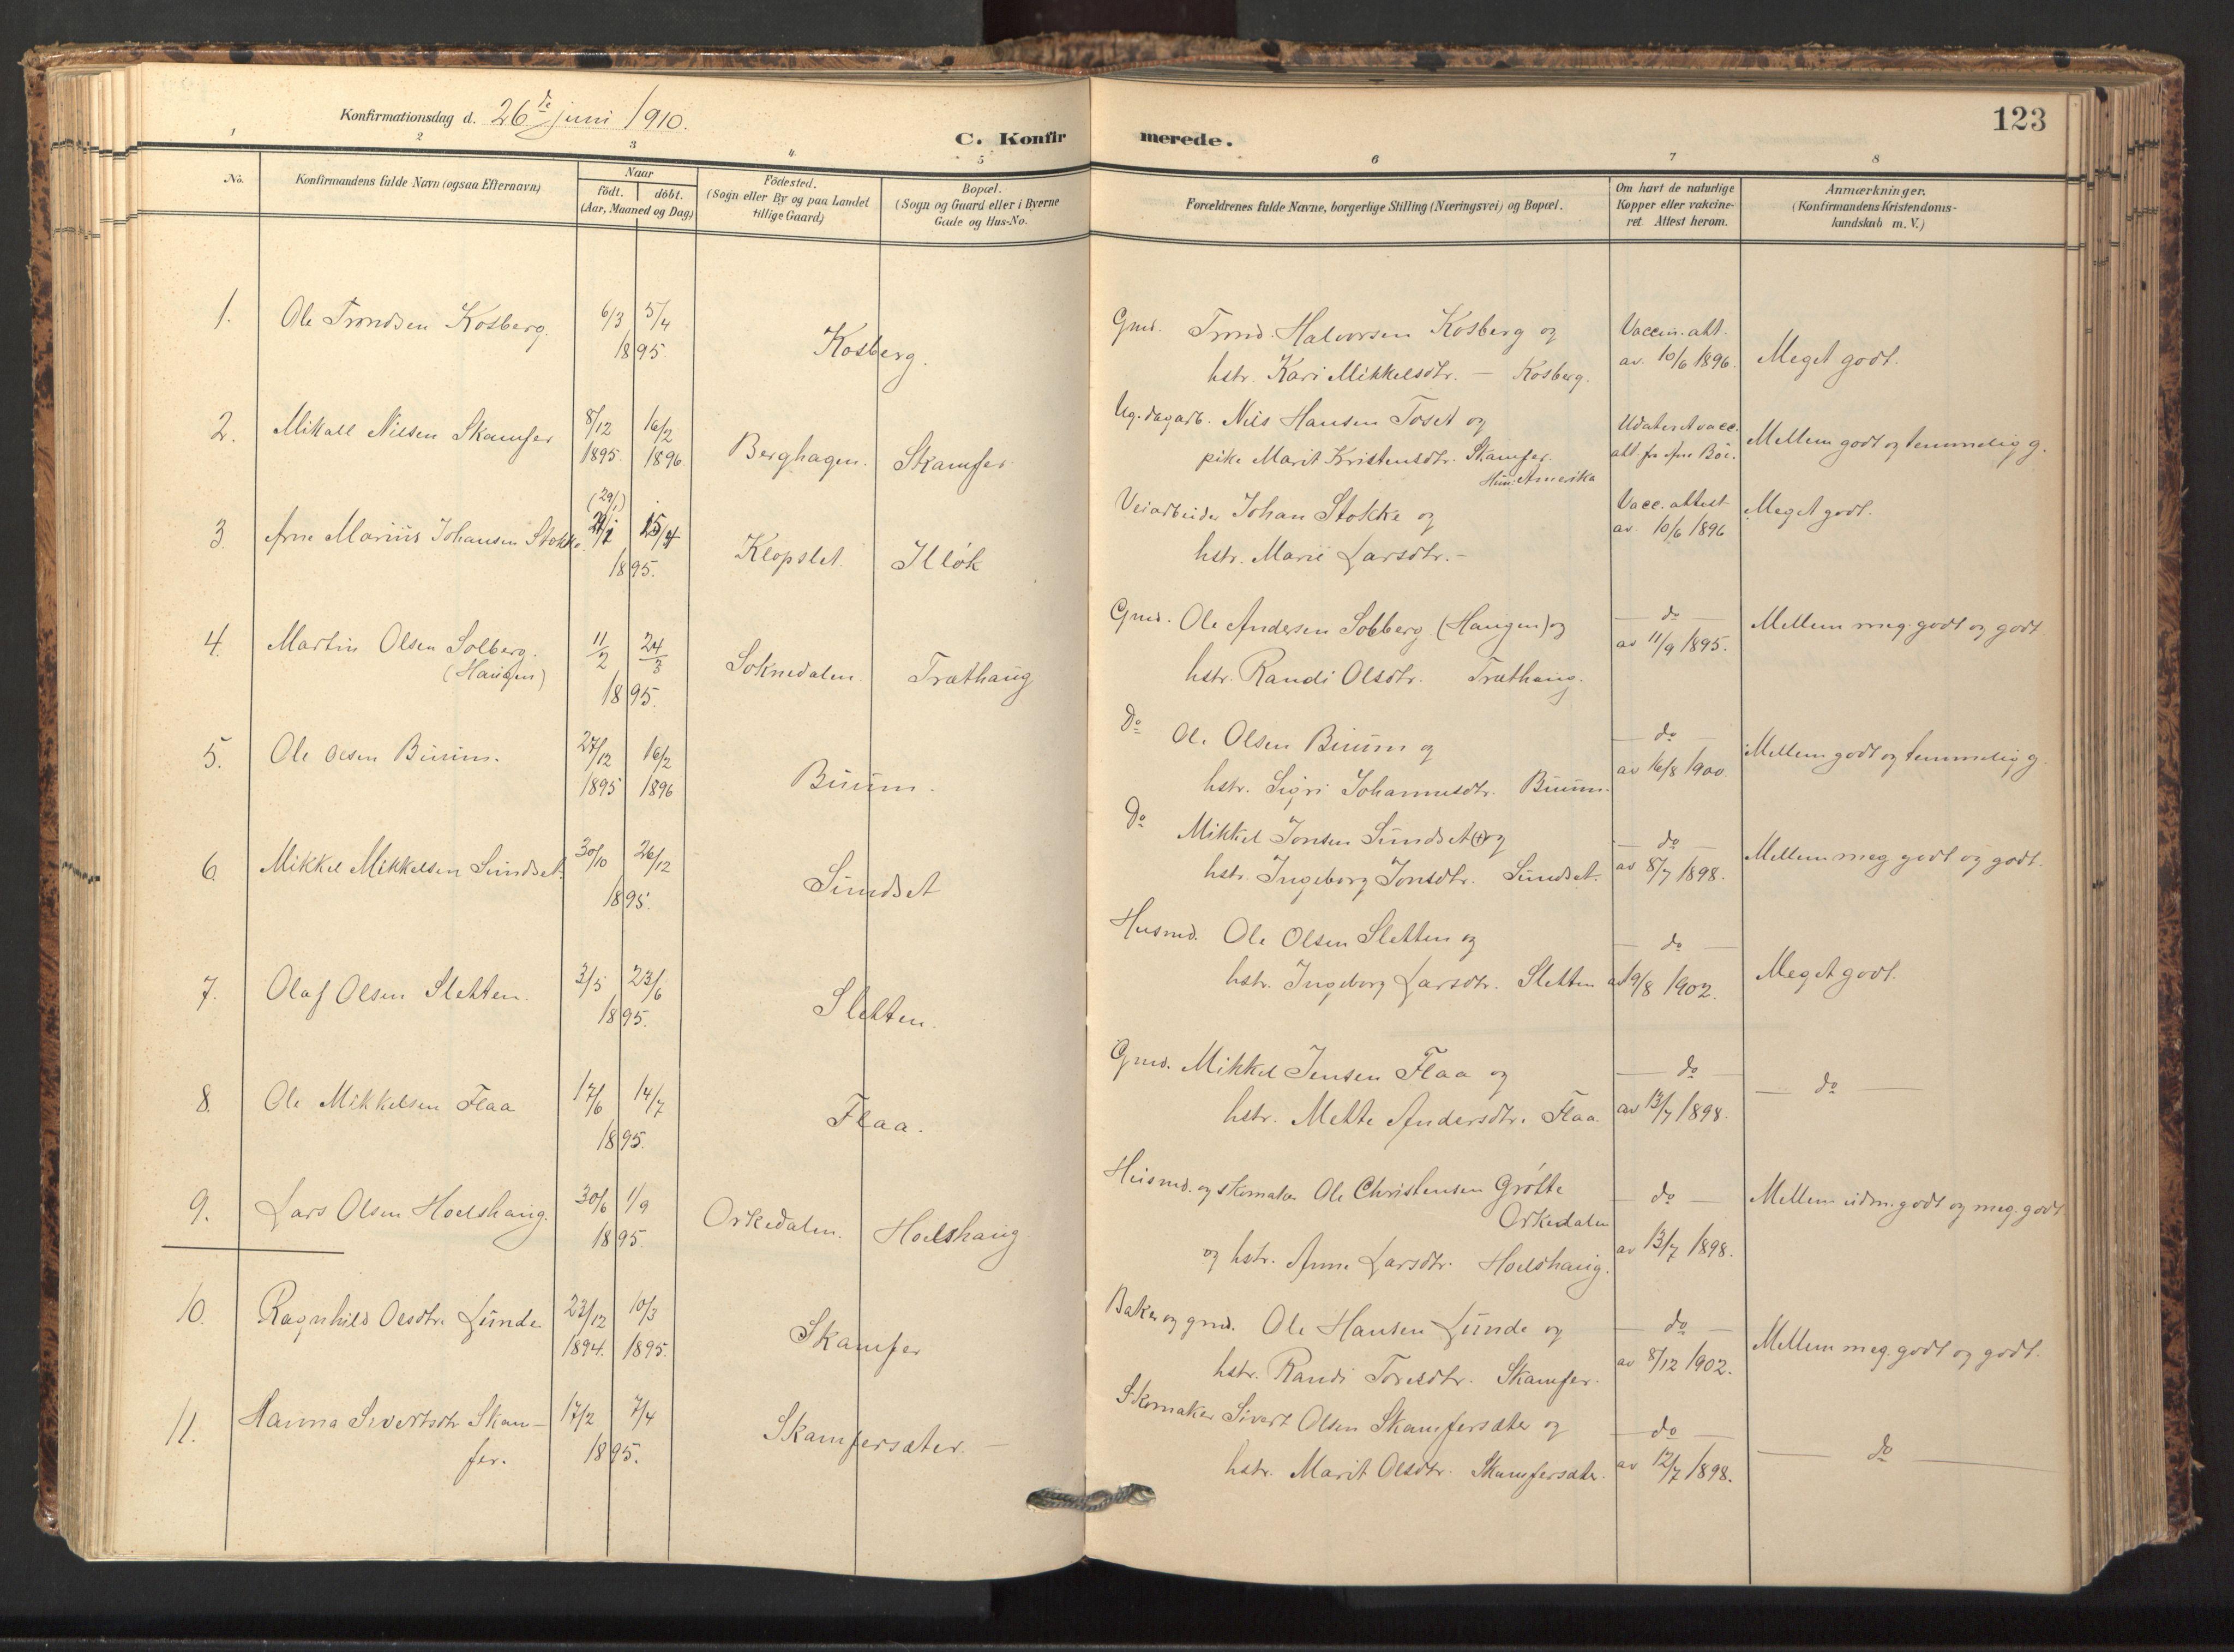 SAT, Ministerialprotokoller, klokkerbøker og fødselsregistre - Sør-Trøndelag, 674/L0873: Ministerialbok nr. 674A05, 1908-1923, s. 123